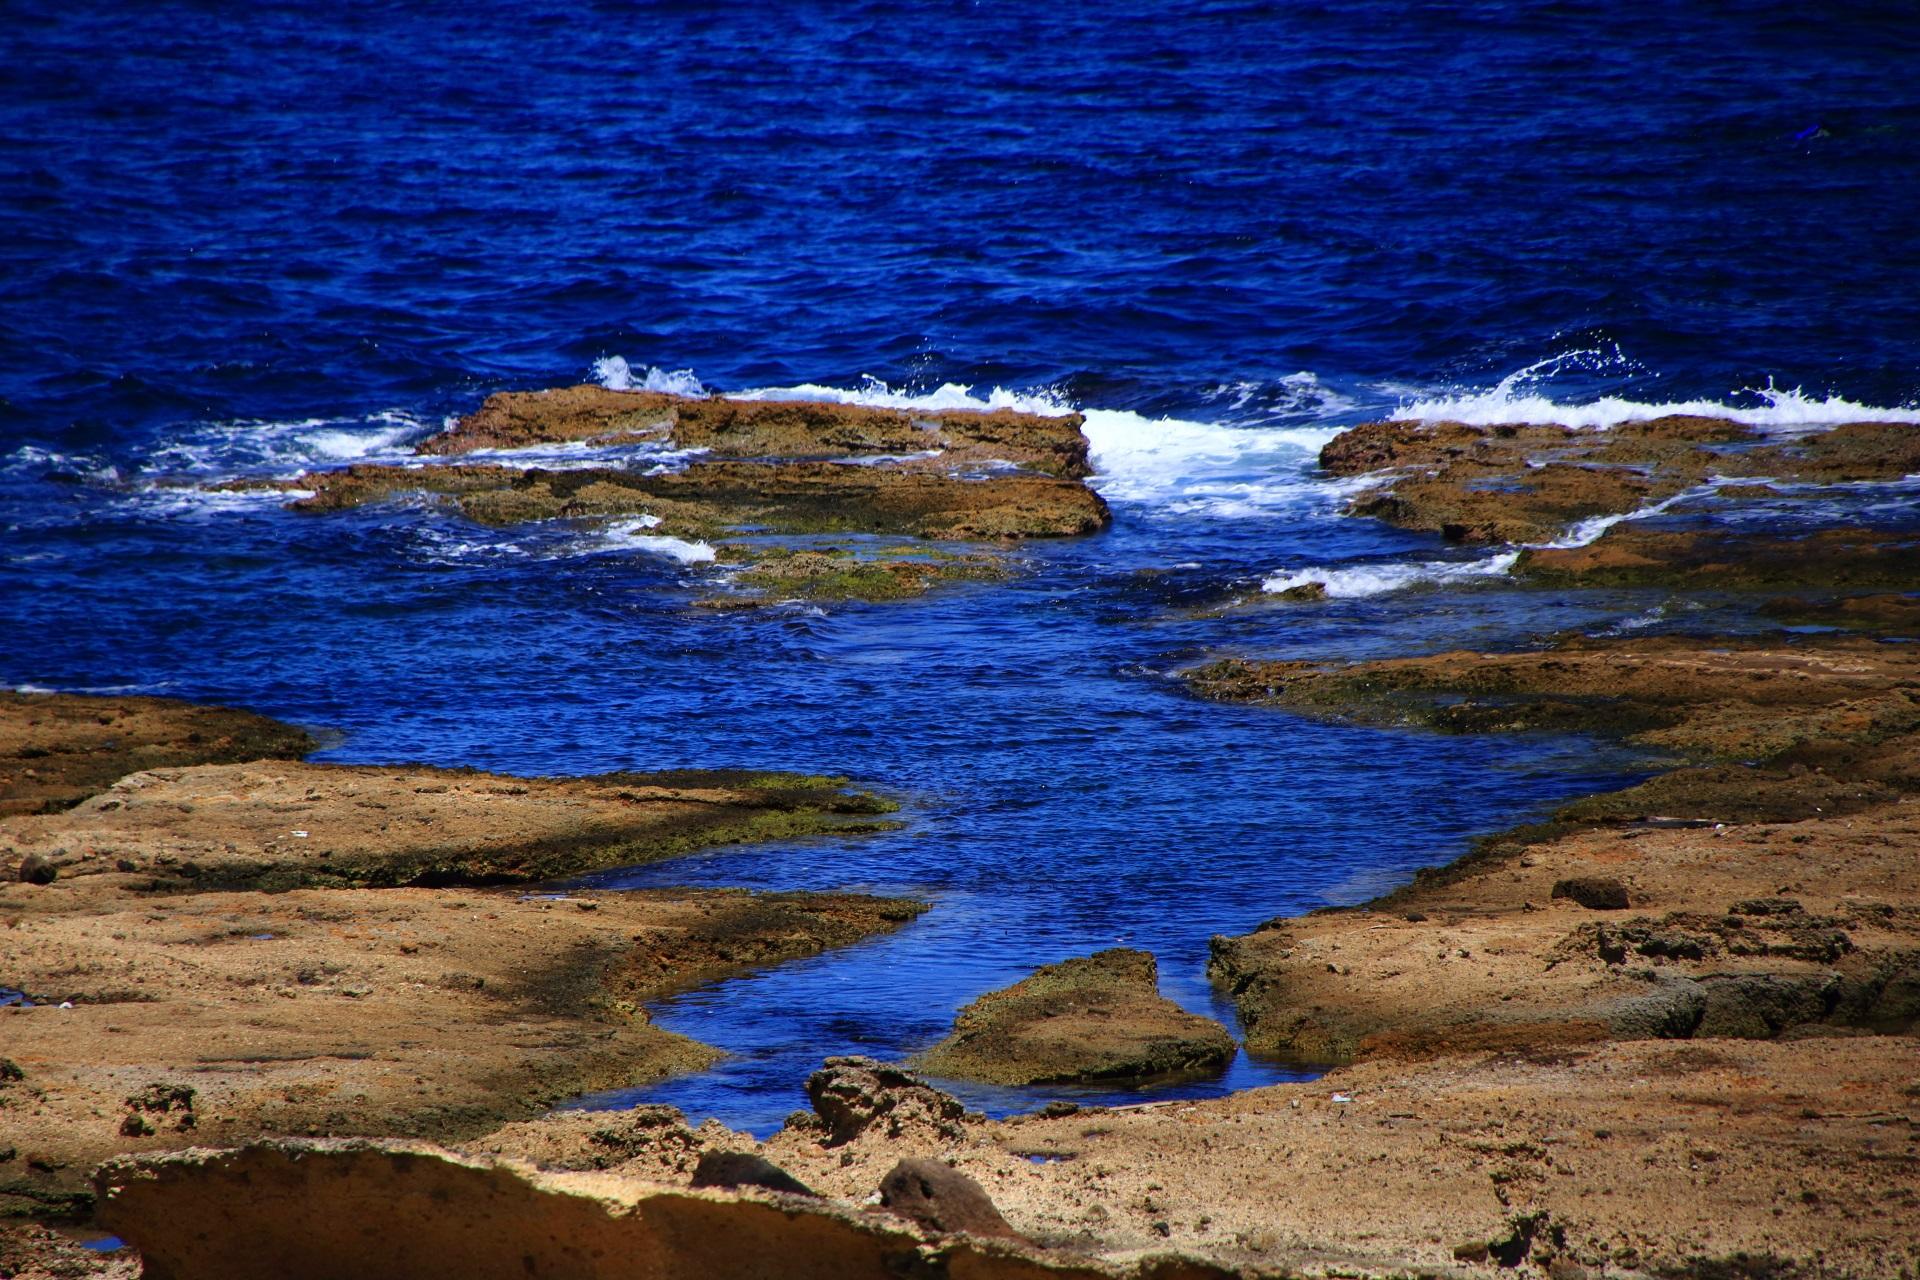 五色浜の青く美しい日本海と岩の芸術